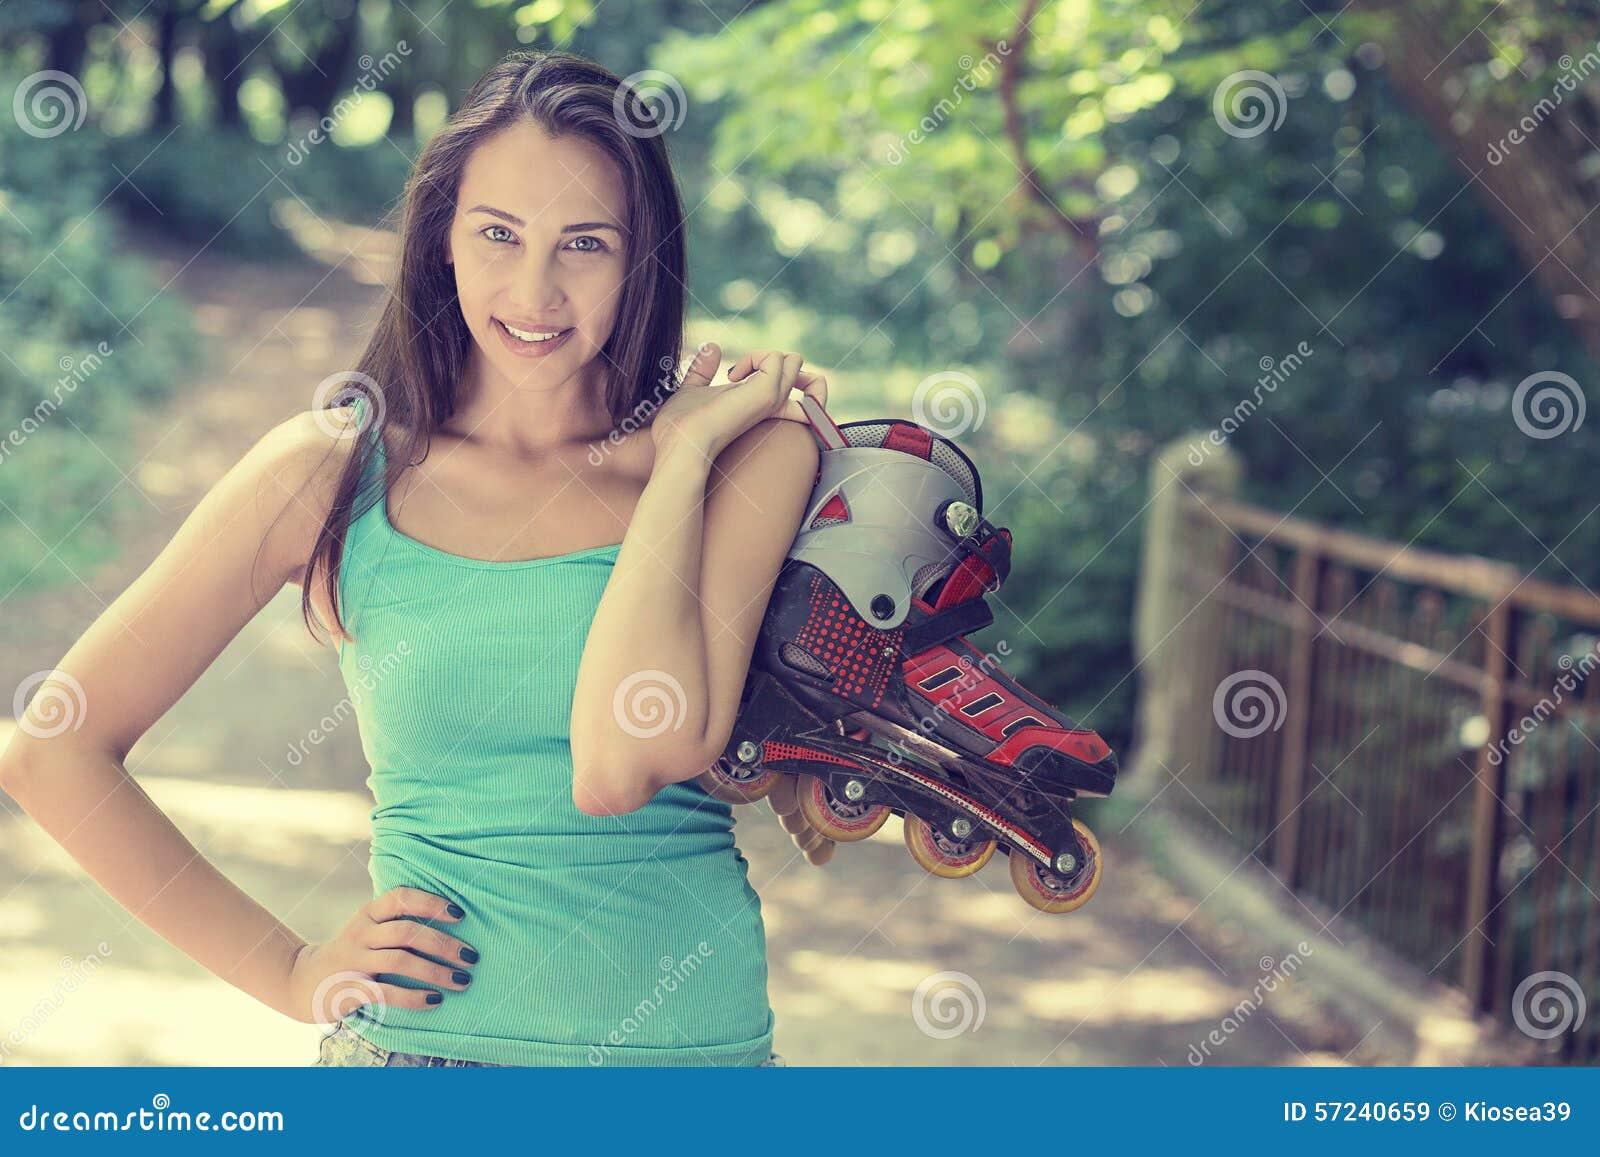 La mujer joven feliz del retrato que va rollerblading sostenerse en línea patina